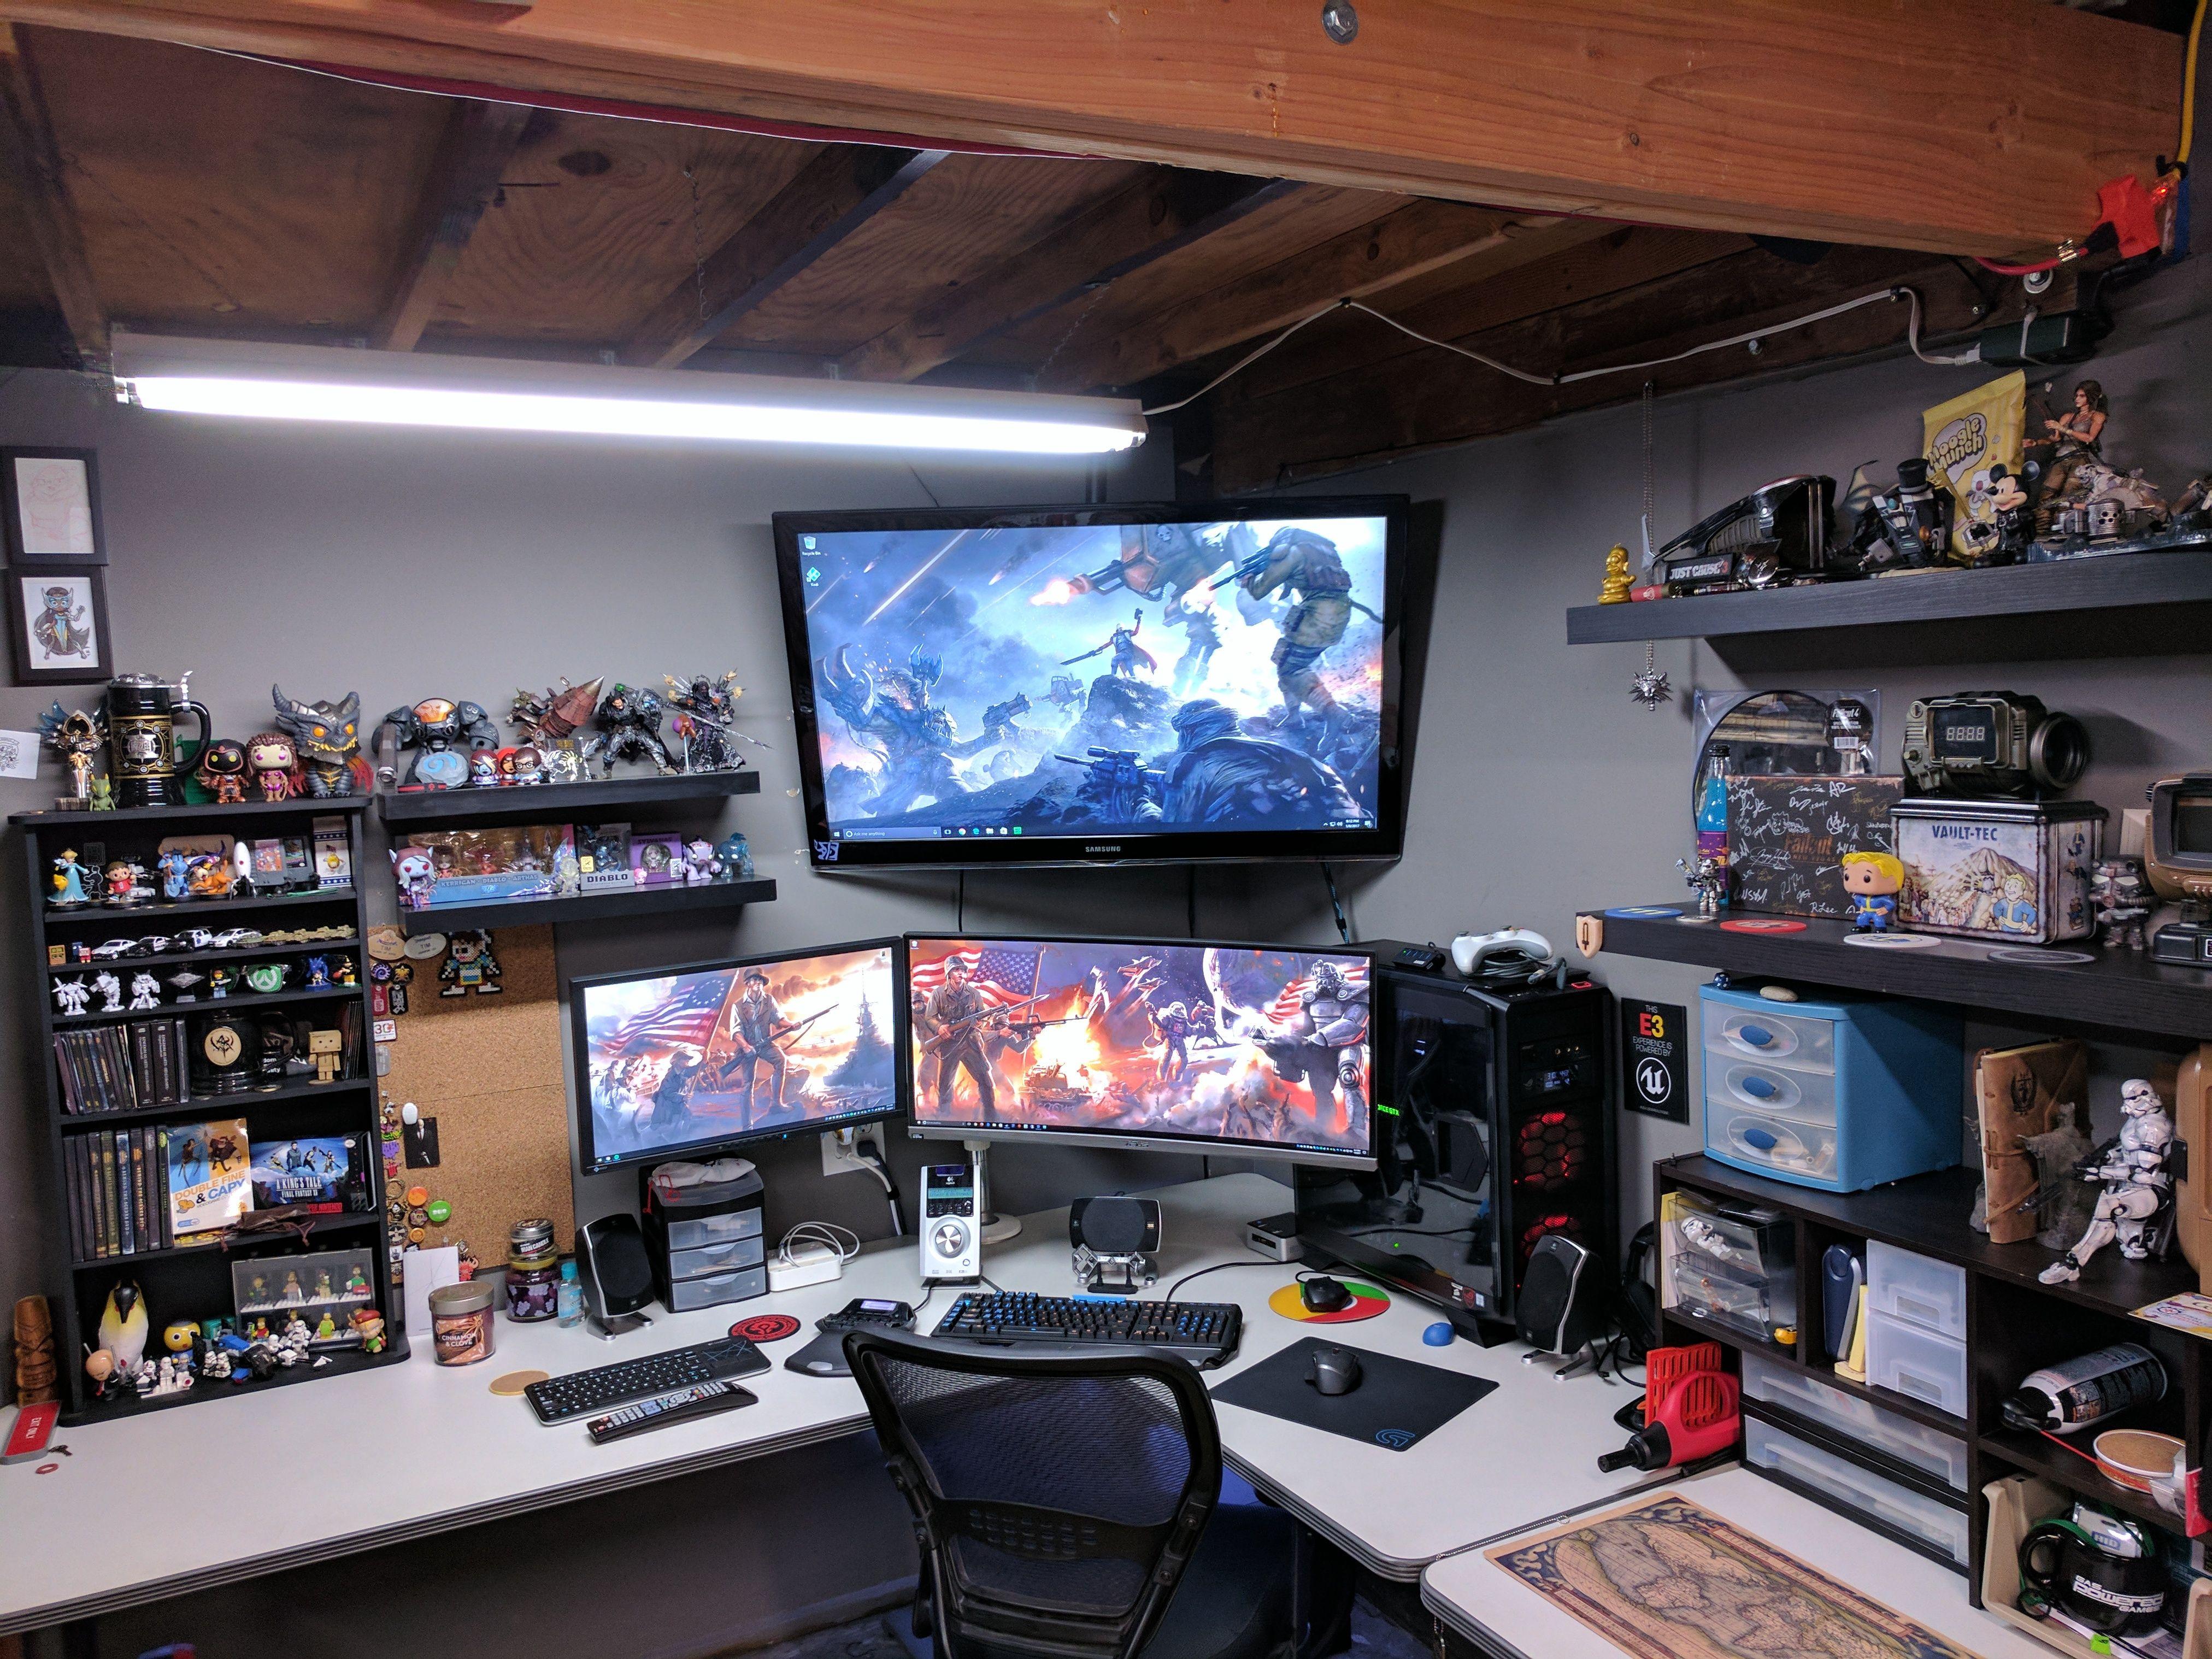 garage battlestation function over form suggestions welcome garage battlestation function over form suggestions welcome